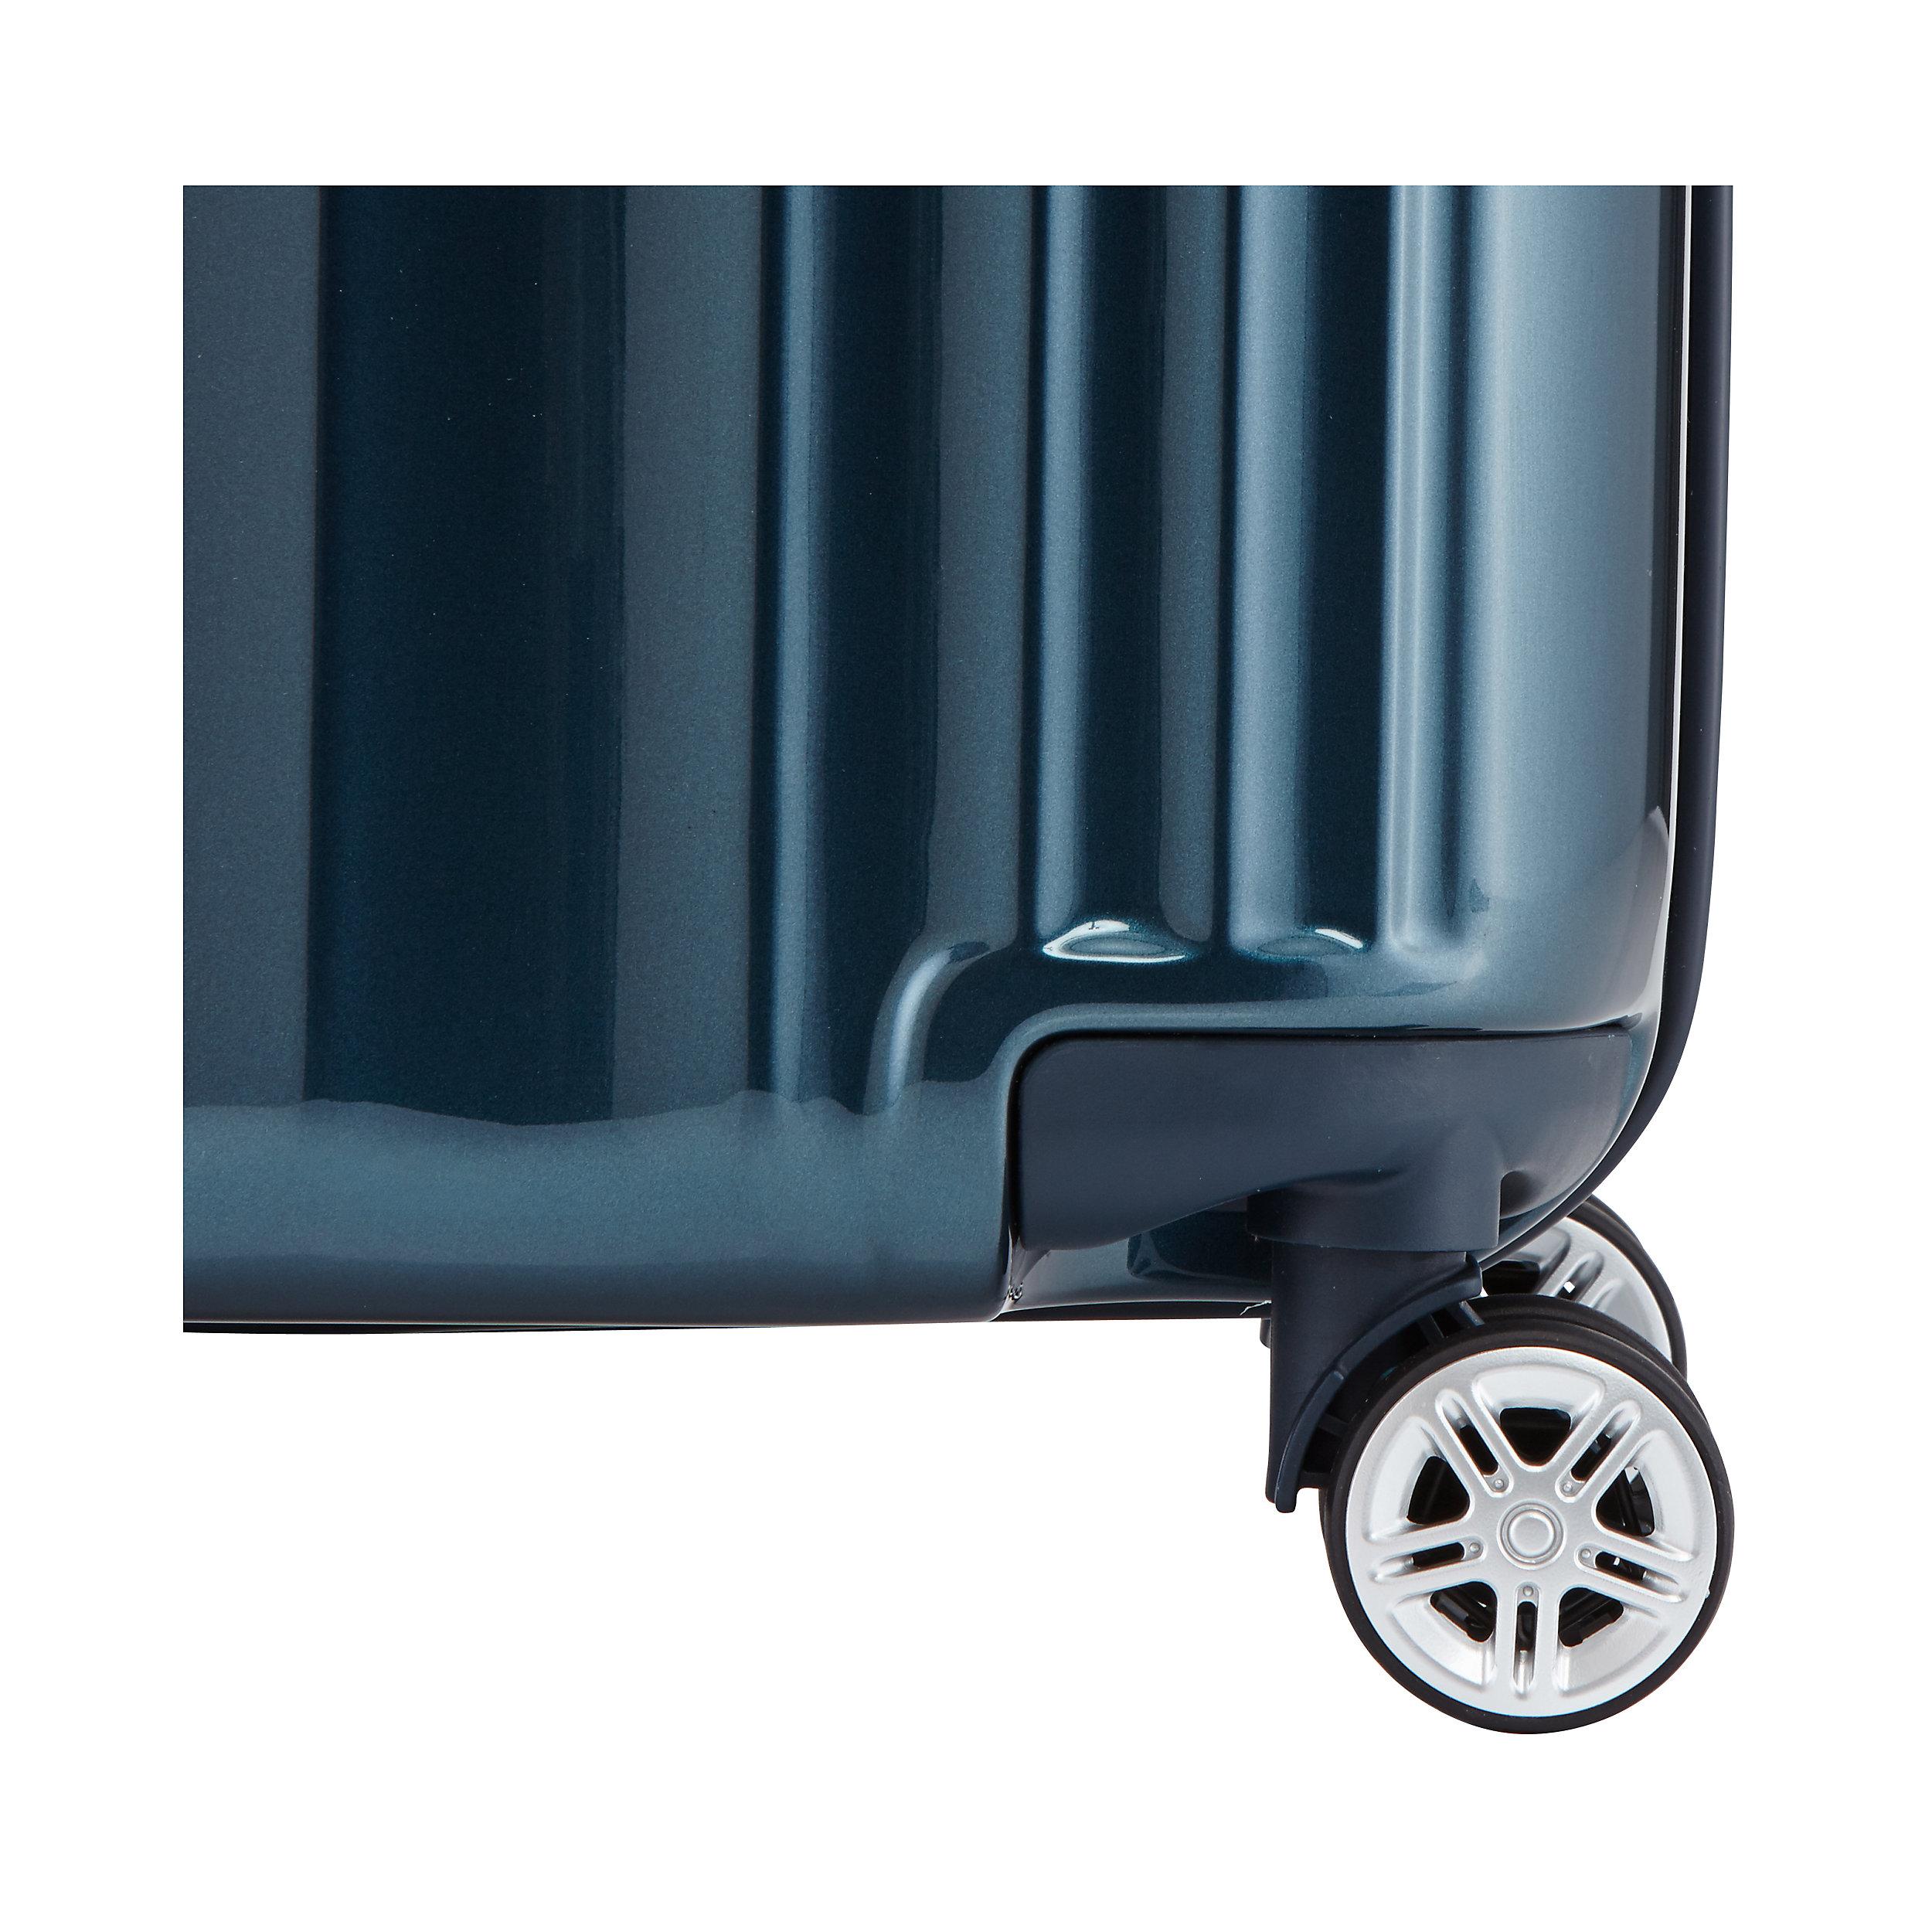 Trolley mit 4 Rollen M 67 cm Spotlight Flash 69 Liter